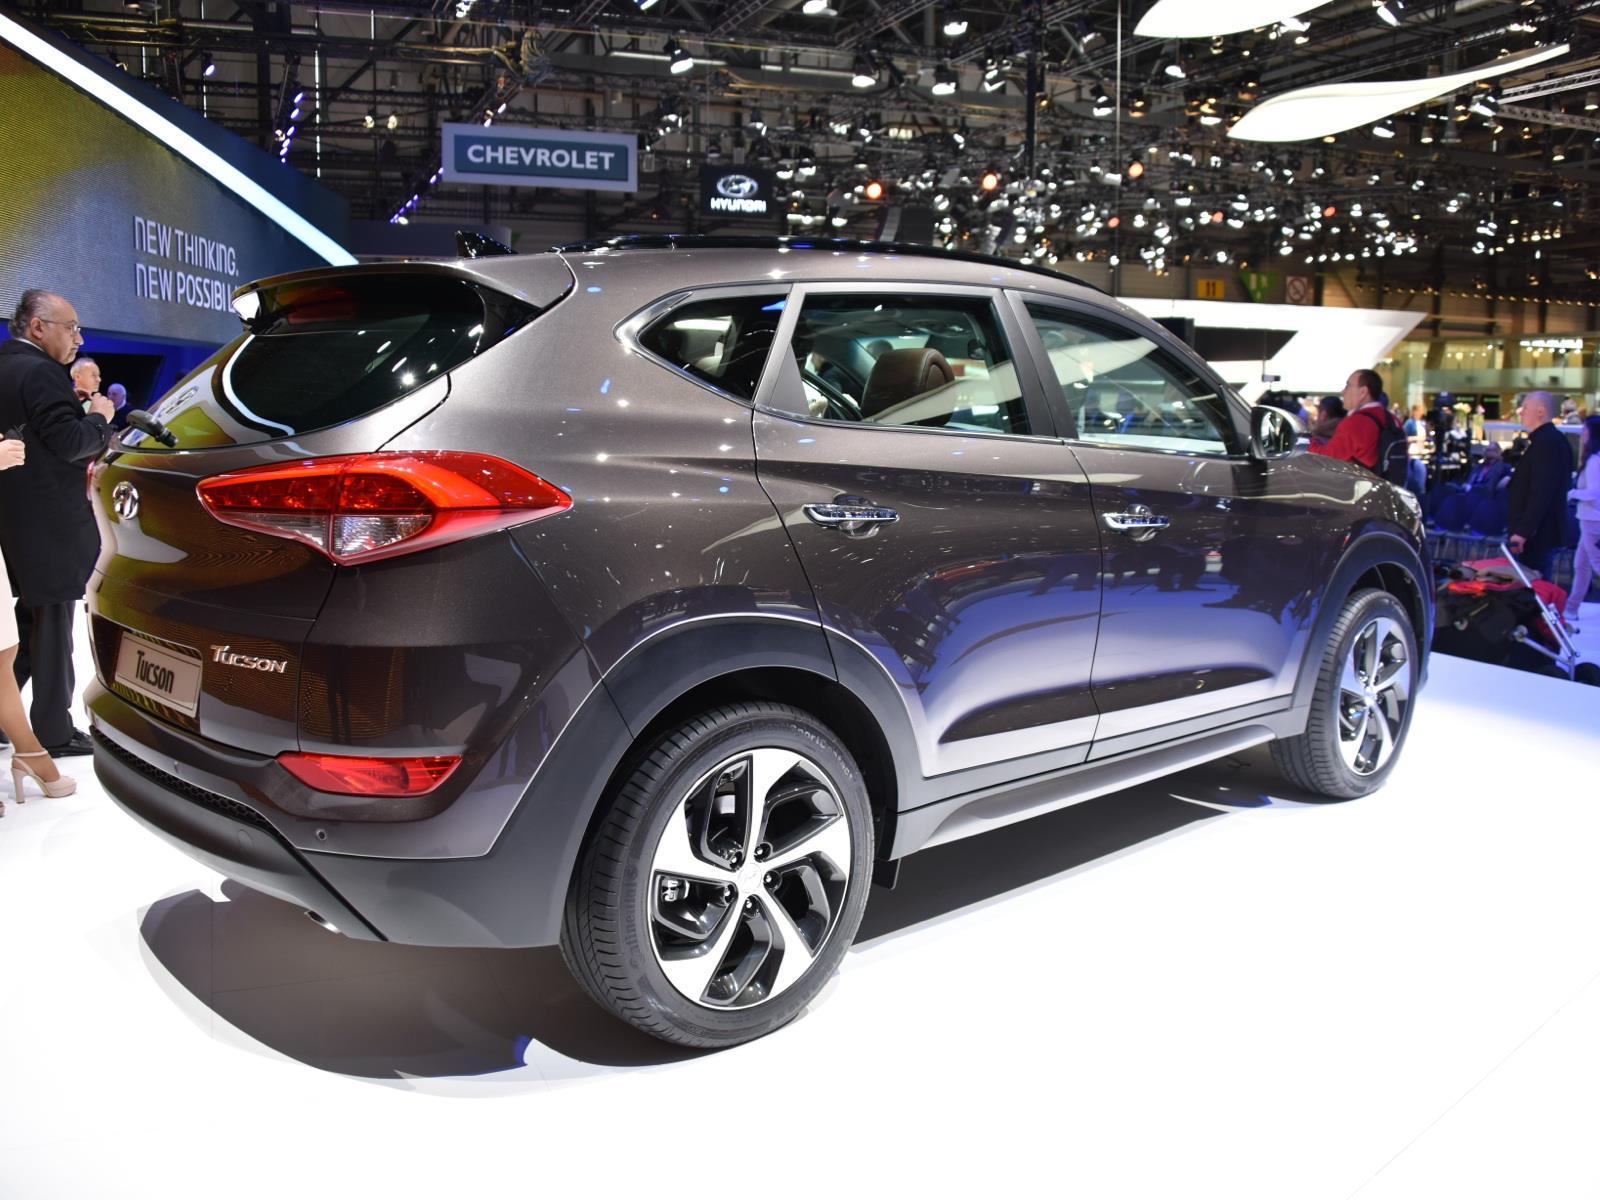 Colores Hyundai Tucson 2017 >> Autoshow de Ginebra 2015 - Hyundai Tucson 2016, luce más atractivo - Noticias, novedades y ...